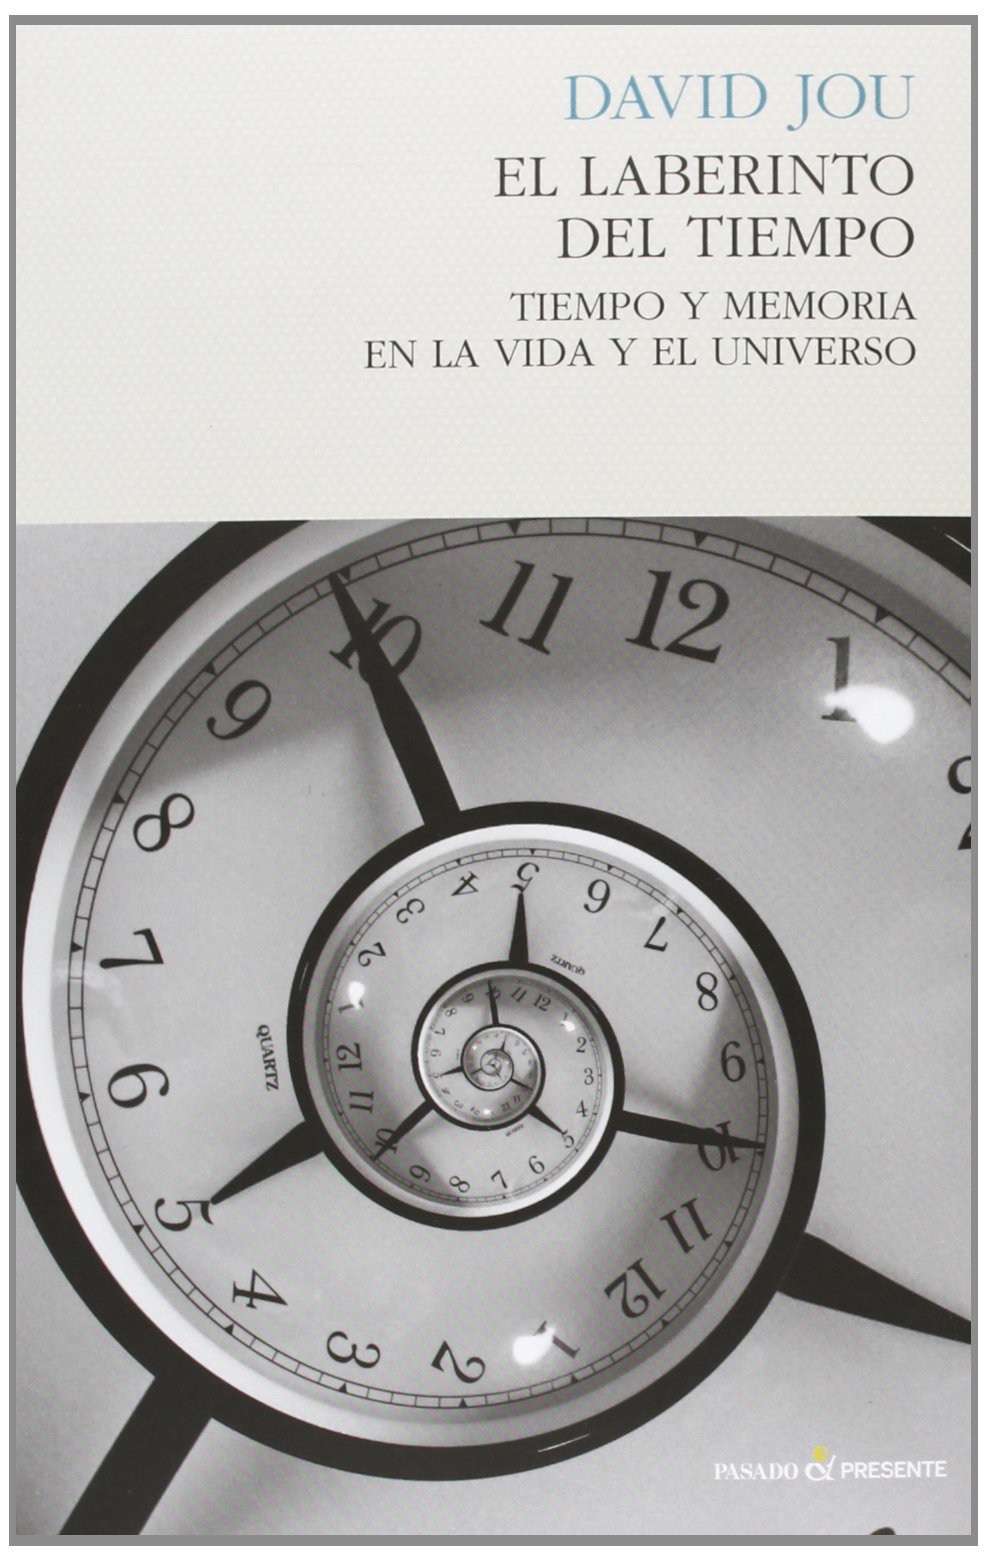 El laberinto del tiempo